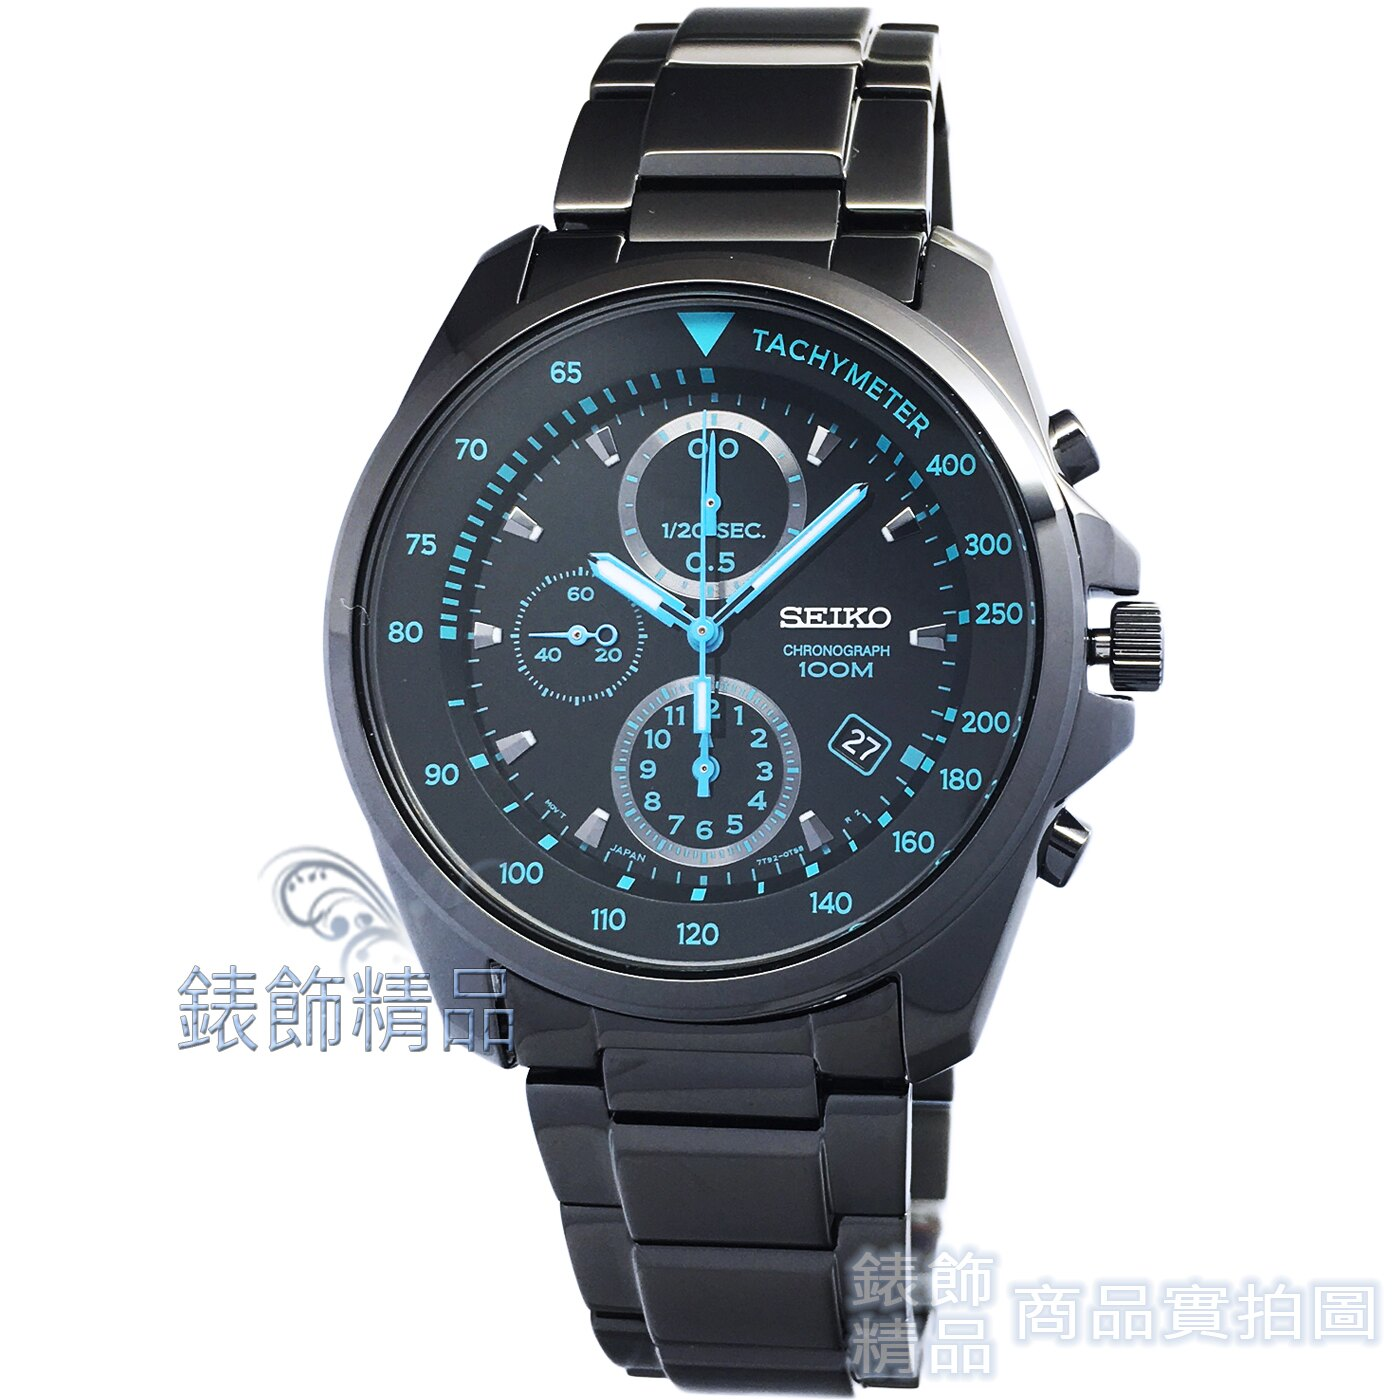 【錶飾精品】SEIKO手錶 SNDD67P1 精工表 三眼計時 日期 黑面藍色時標鍍黑鋼帶男錶 全新原廠正品 情人生日禮物